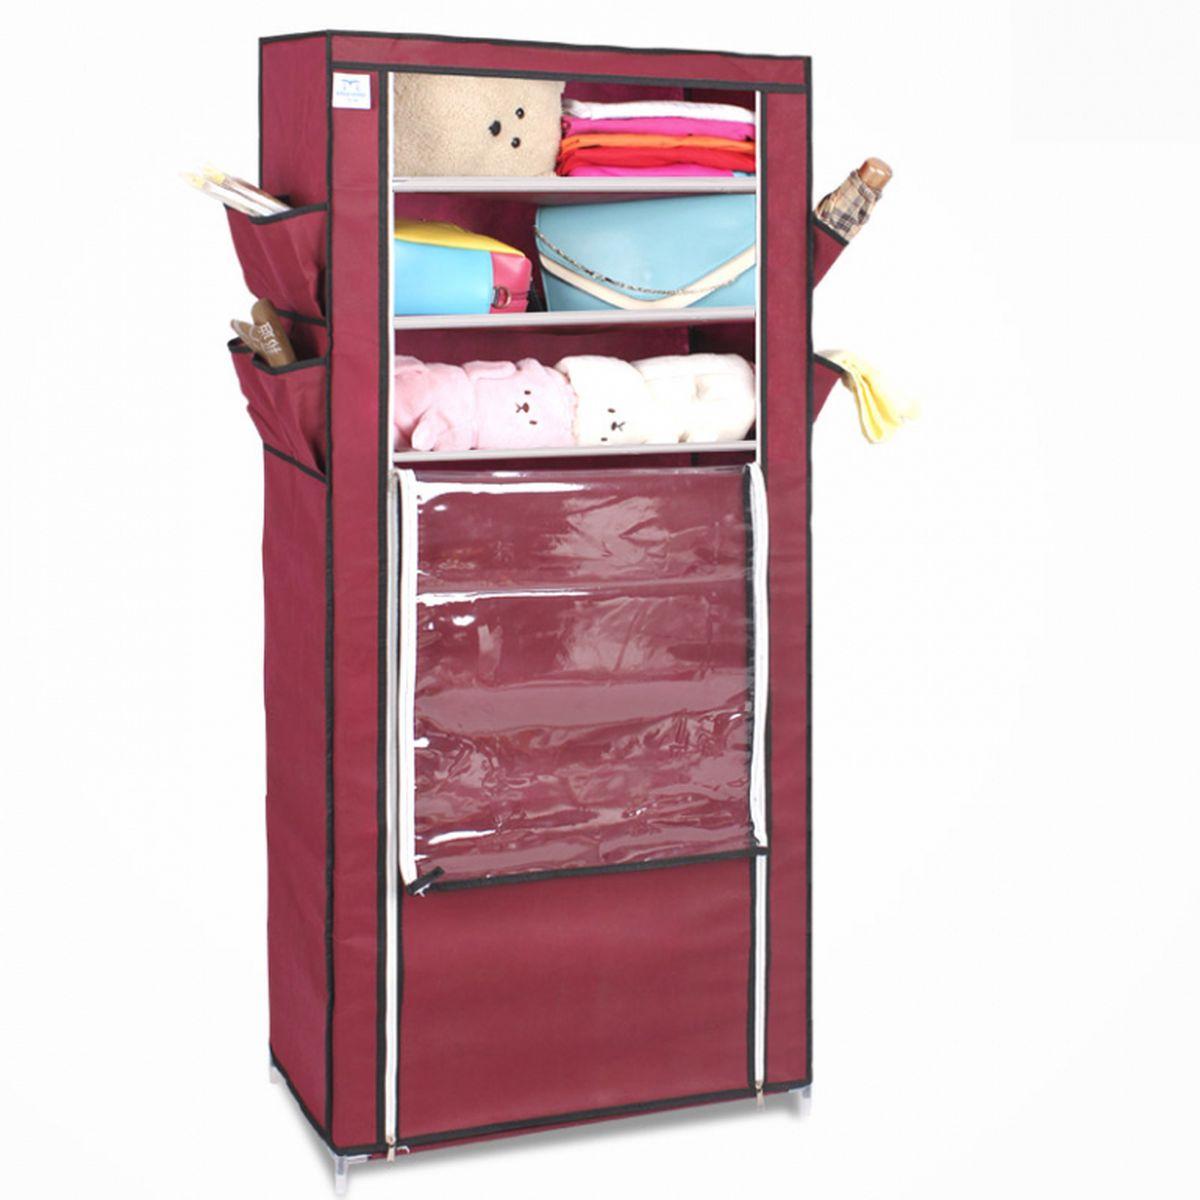 Тканевый шкаф для обуви и аксессуаров Homsu Элис, цвет: бордовый, 60 x 30 x 136 смHOM-96Этот шкаф предназначен для комфортного, практичного и удобного хранения обуви и других предметов в вашем доме. Выполненный в бордовом цвете, такой шкаф вполне может стать полноценным дополнением к вашей уютной домашней обстановке. 8 полок для обуви, шириной 60 см и глубиной 30 см плюс боковые кармашки для тапочек, зонтов и всяких мелочей надолго обеспечат полный порядок в прихожей. Фактический цвет может отличаться от заявленного.